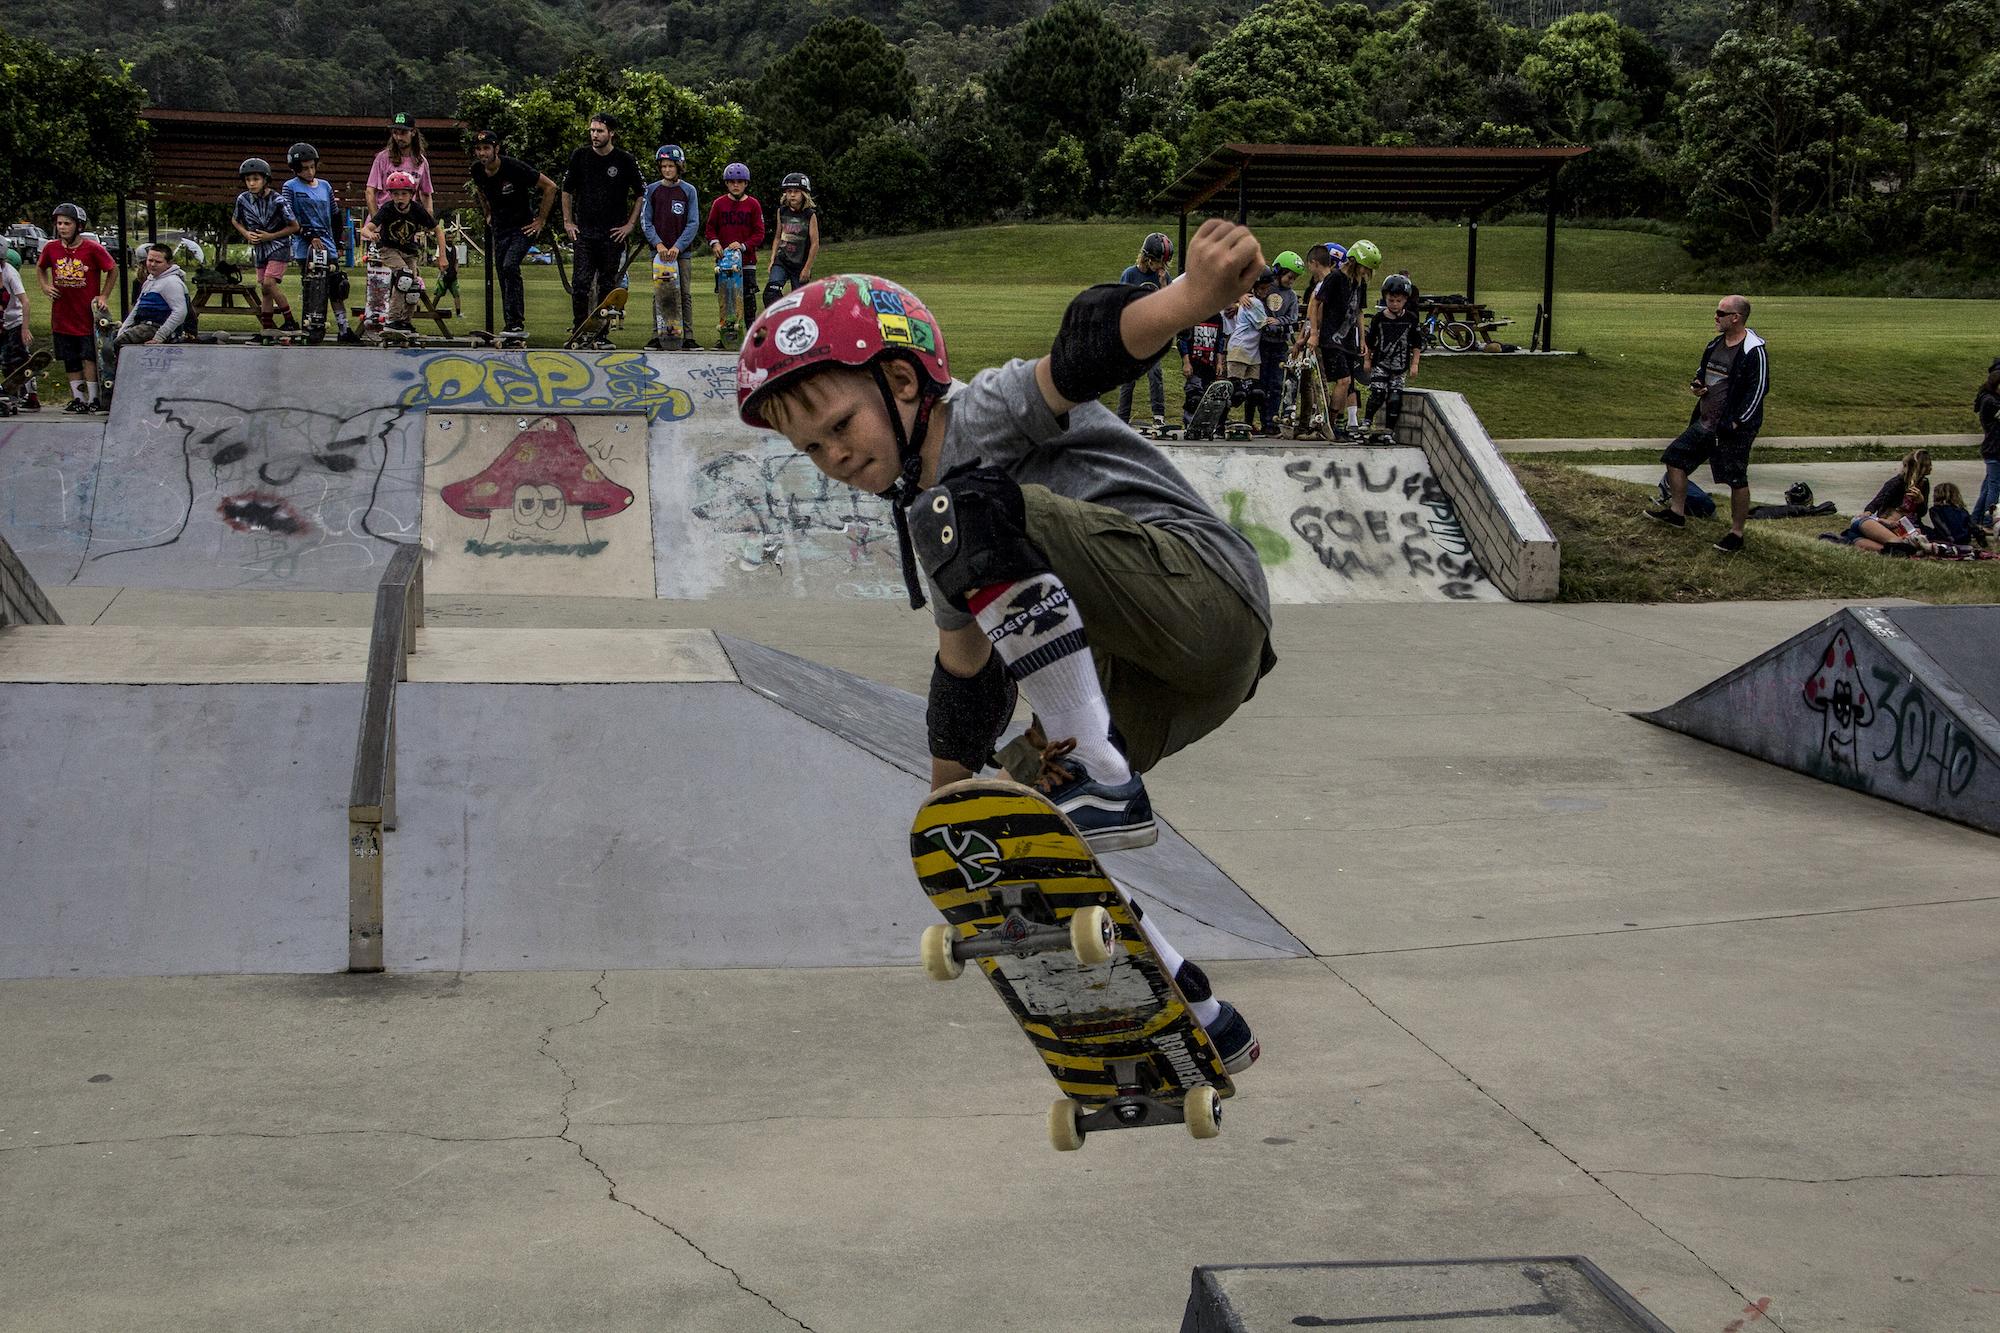 suffo-skate-7.jpg